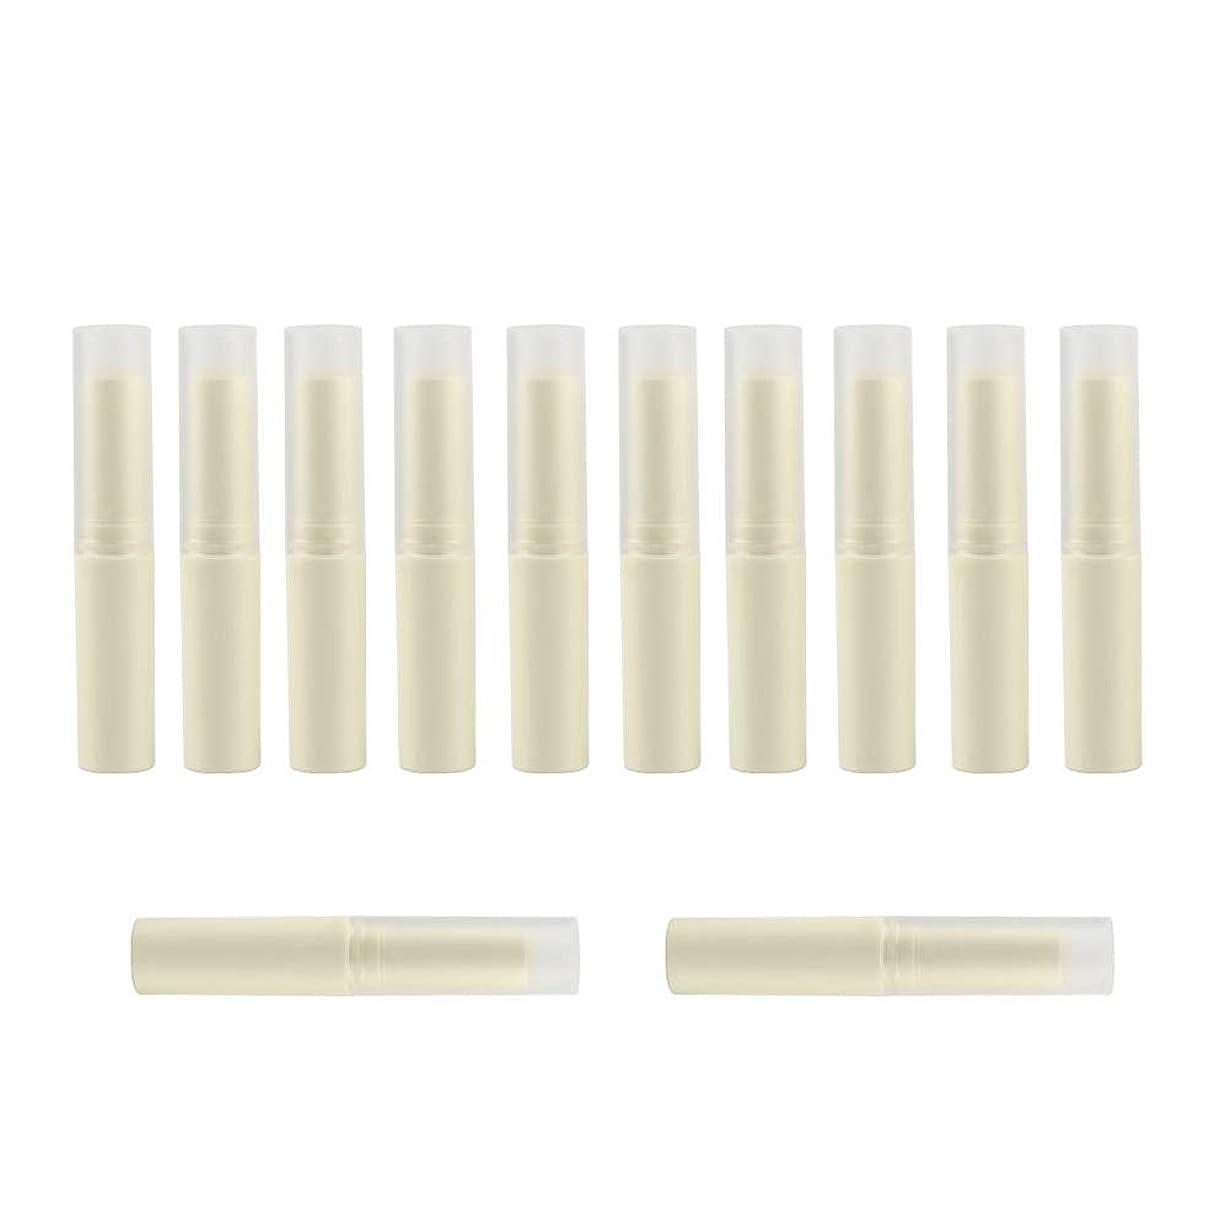 干渉する少ないスタックリップ クリーム チューブ 口紅容器 4g 12本セット 手作り リップ 容器